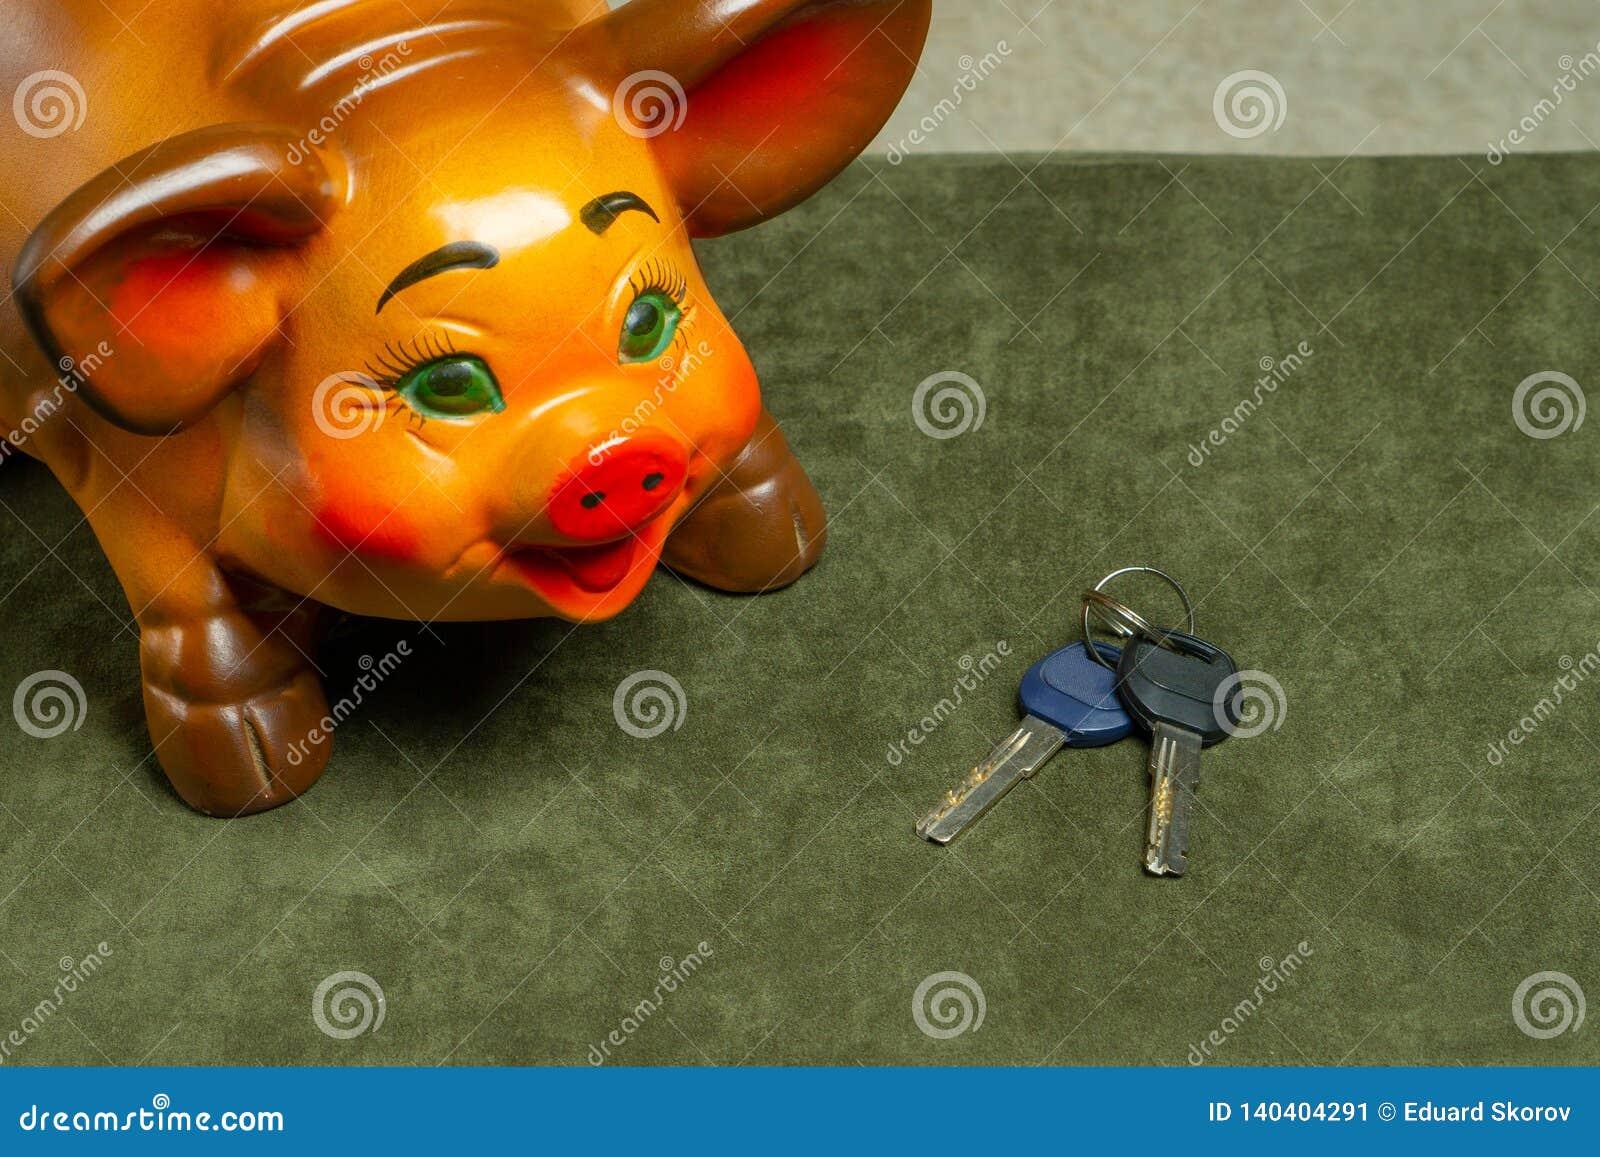 Beautiful big piggy bank and car keys. Clouse-up